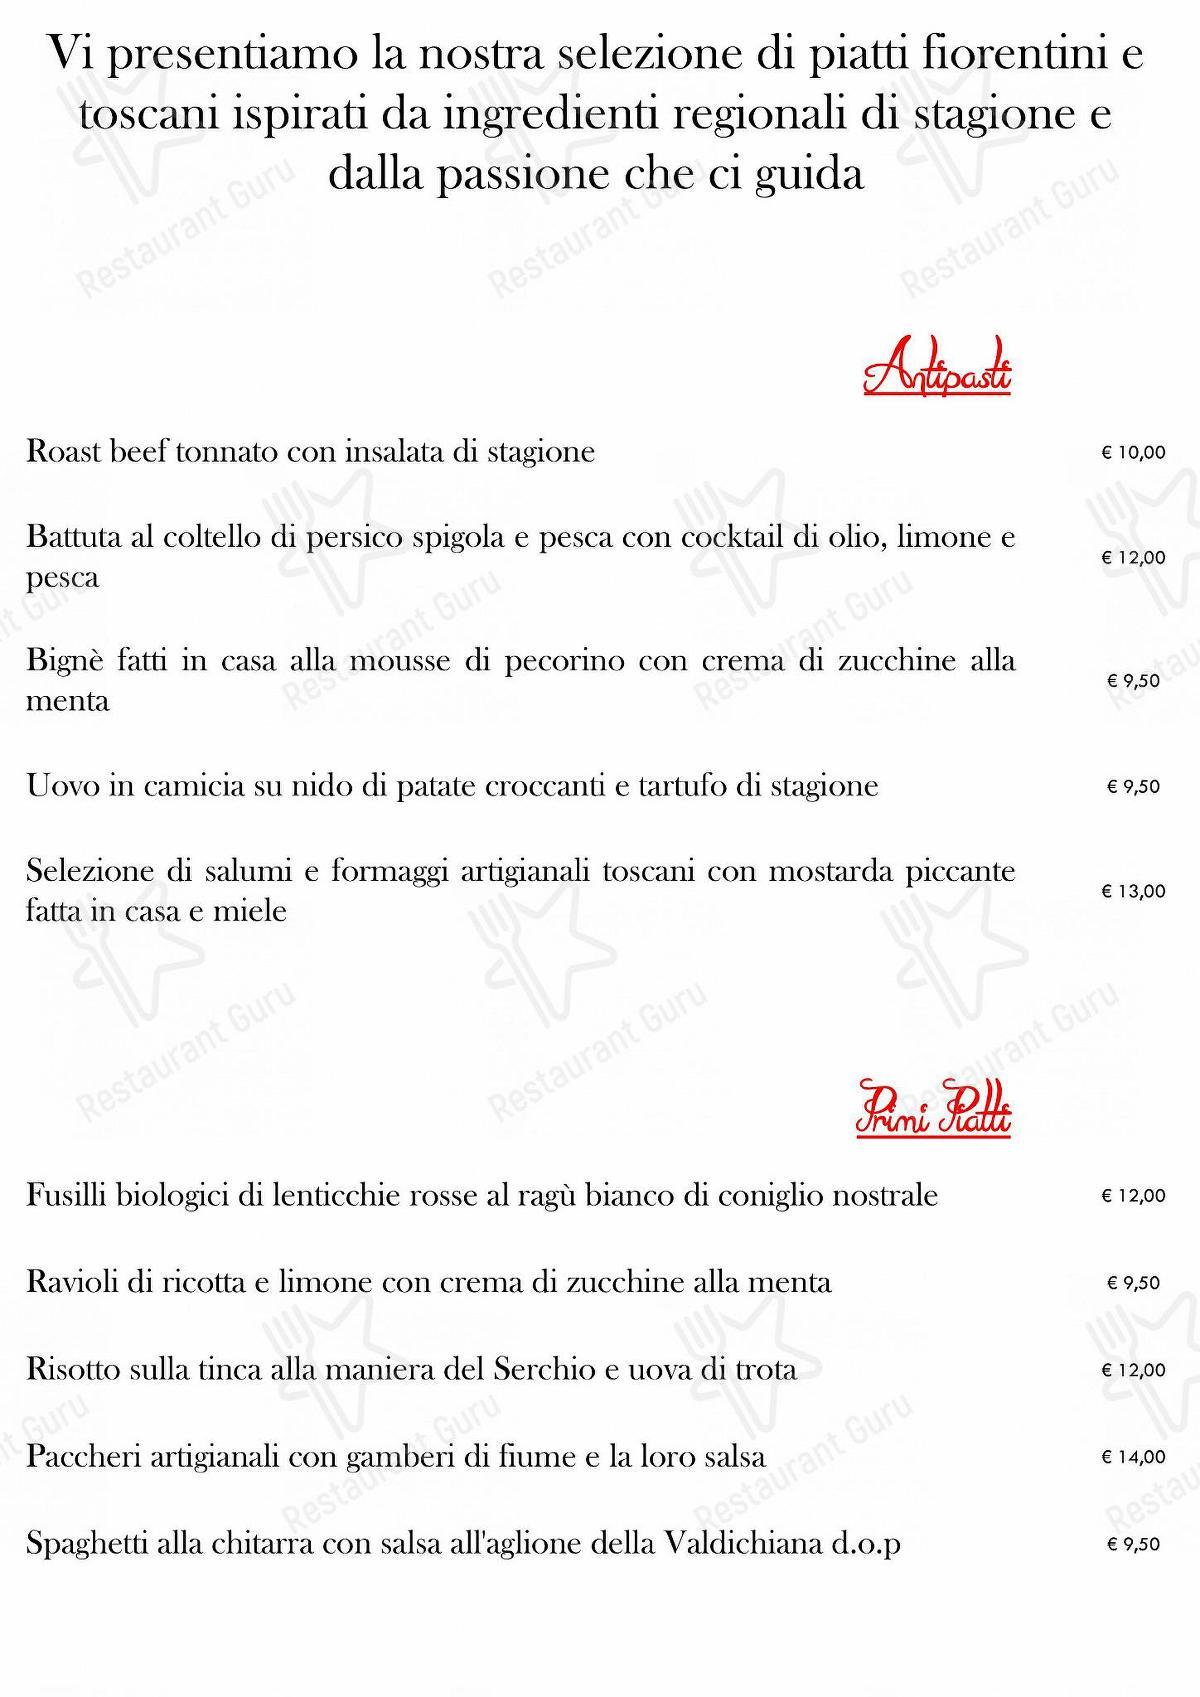 Menu per Osteria Pratellino ristorante